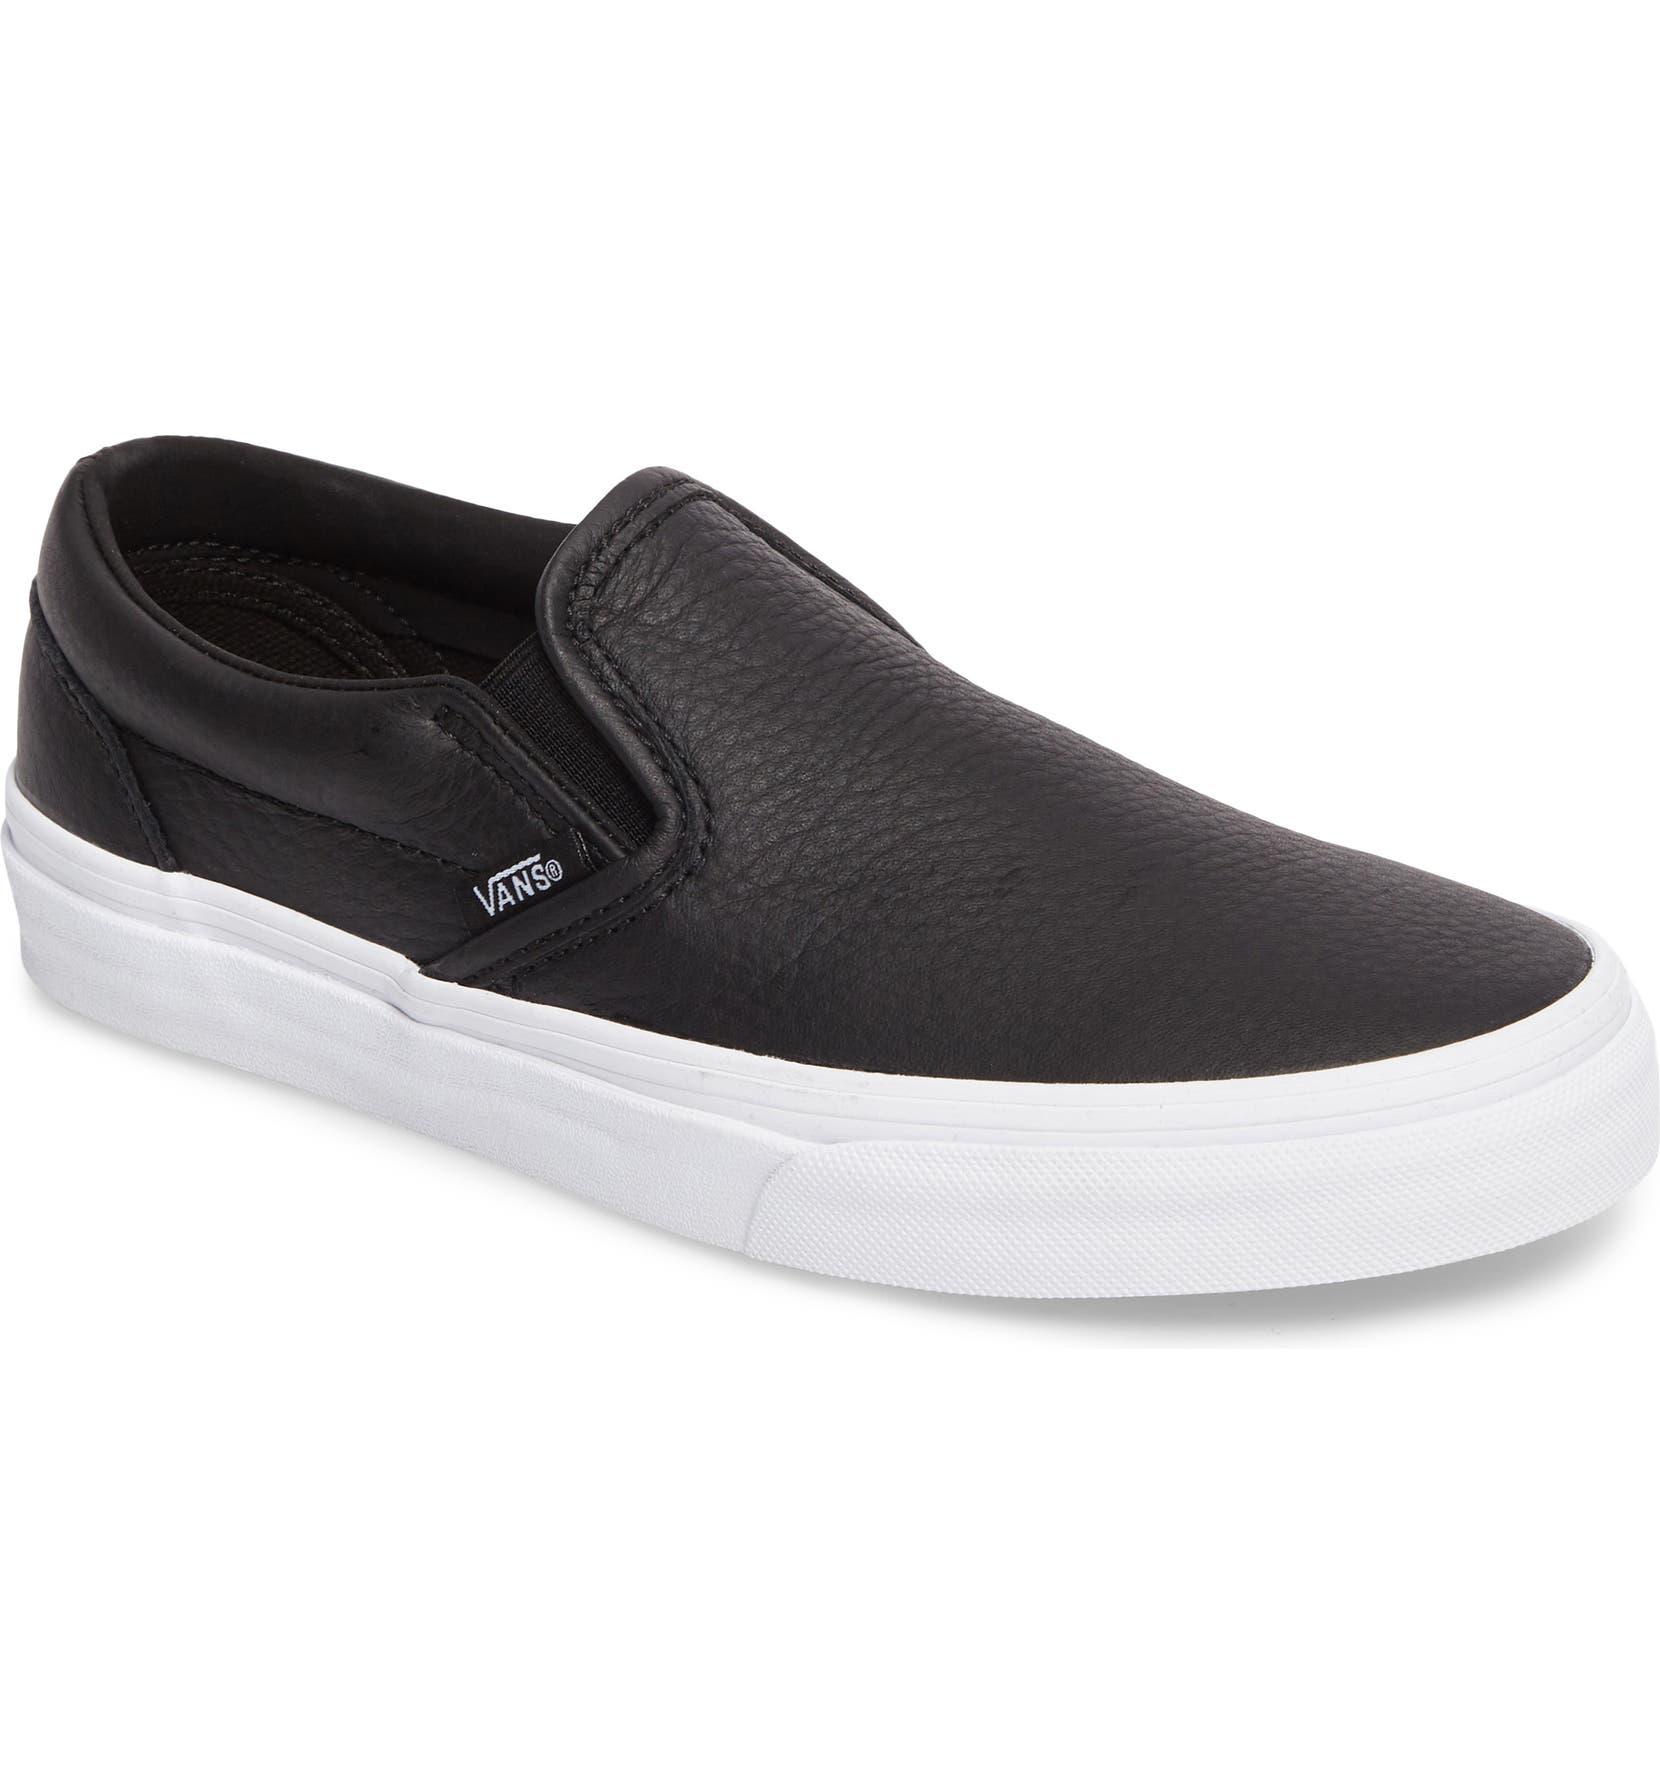 12b420e779f Vans Classic Slip-On Sneaker (Women)